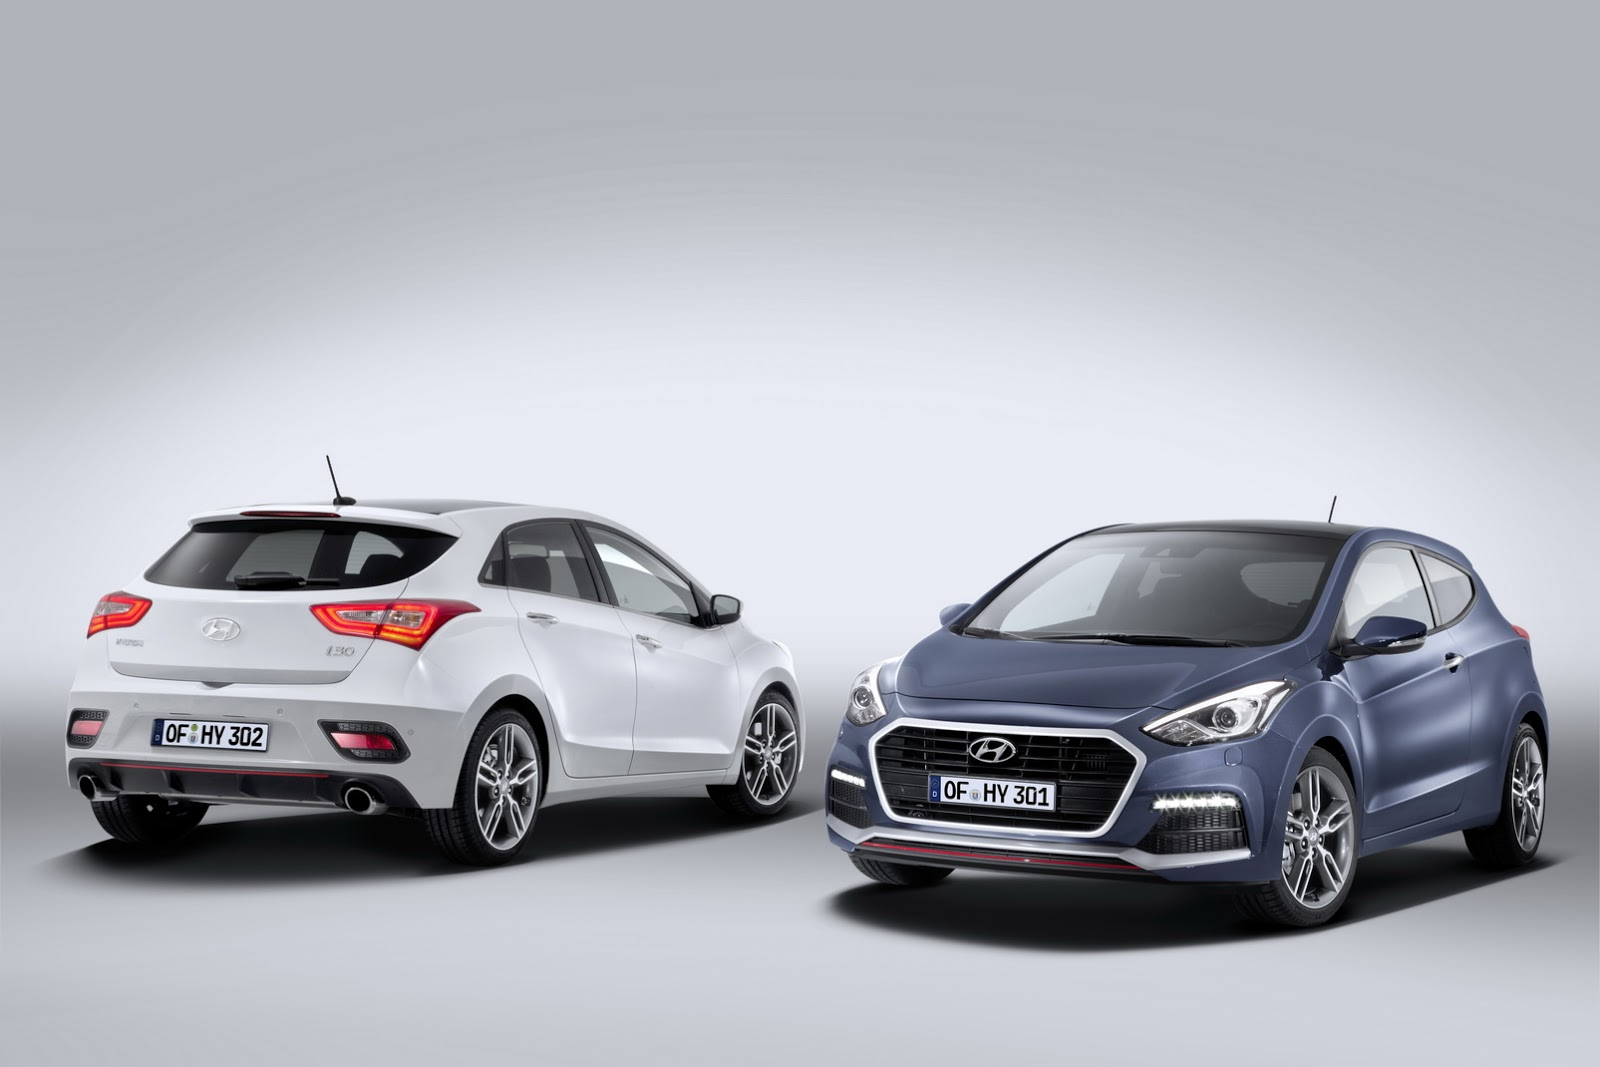 South Korea Recalls 240,000 Hyundai And Kias After Whistleblower Leak